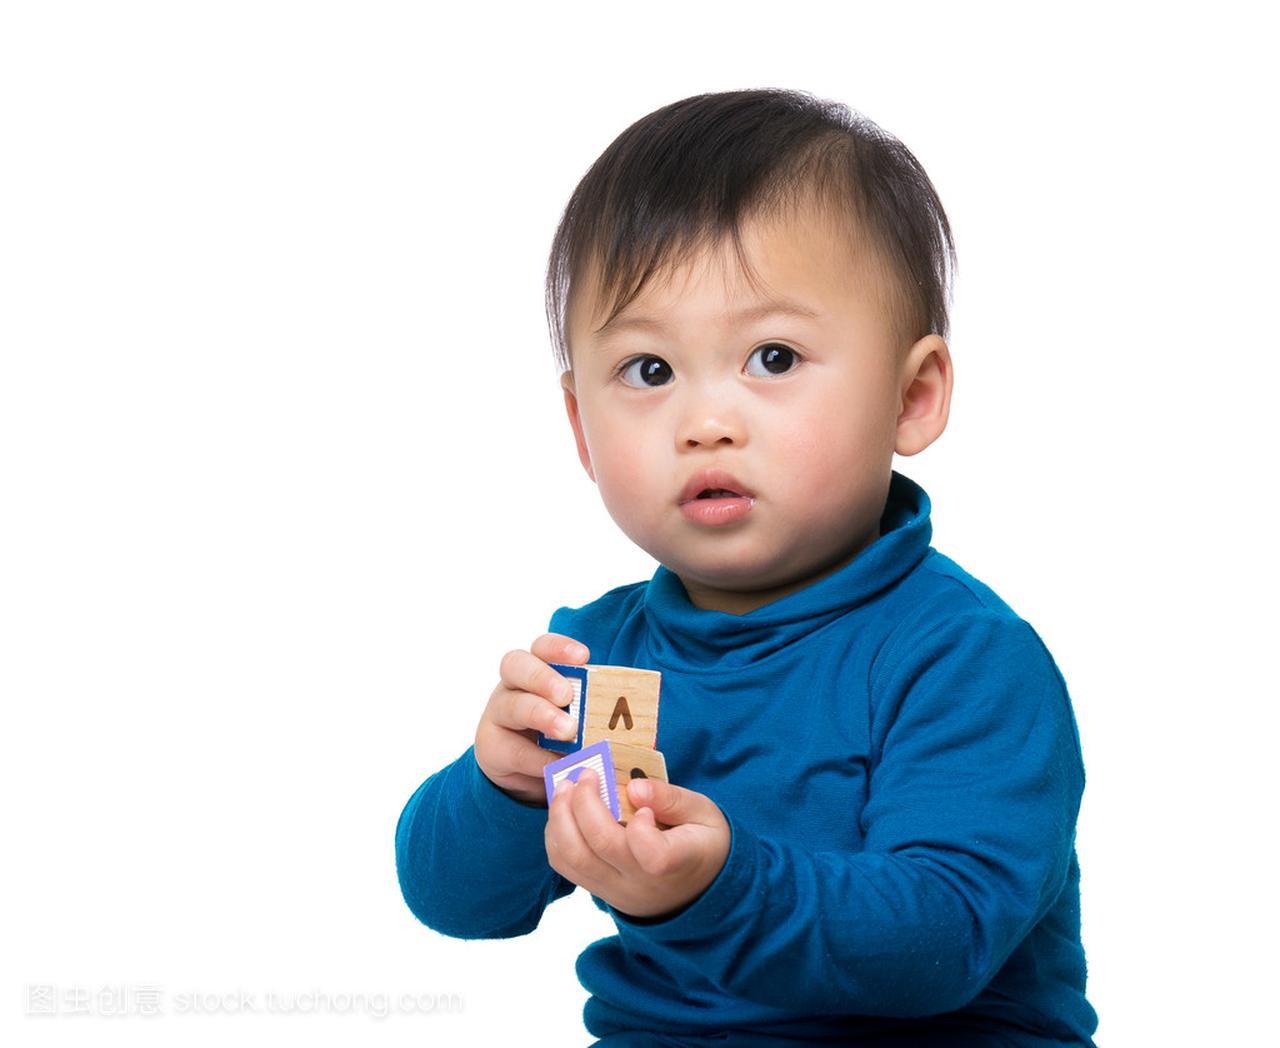 亚洲保镖积木玩宝贝男孩97娃娃之翡翠玩具下载图片